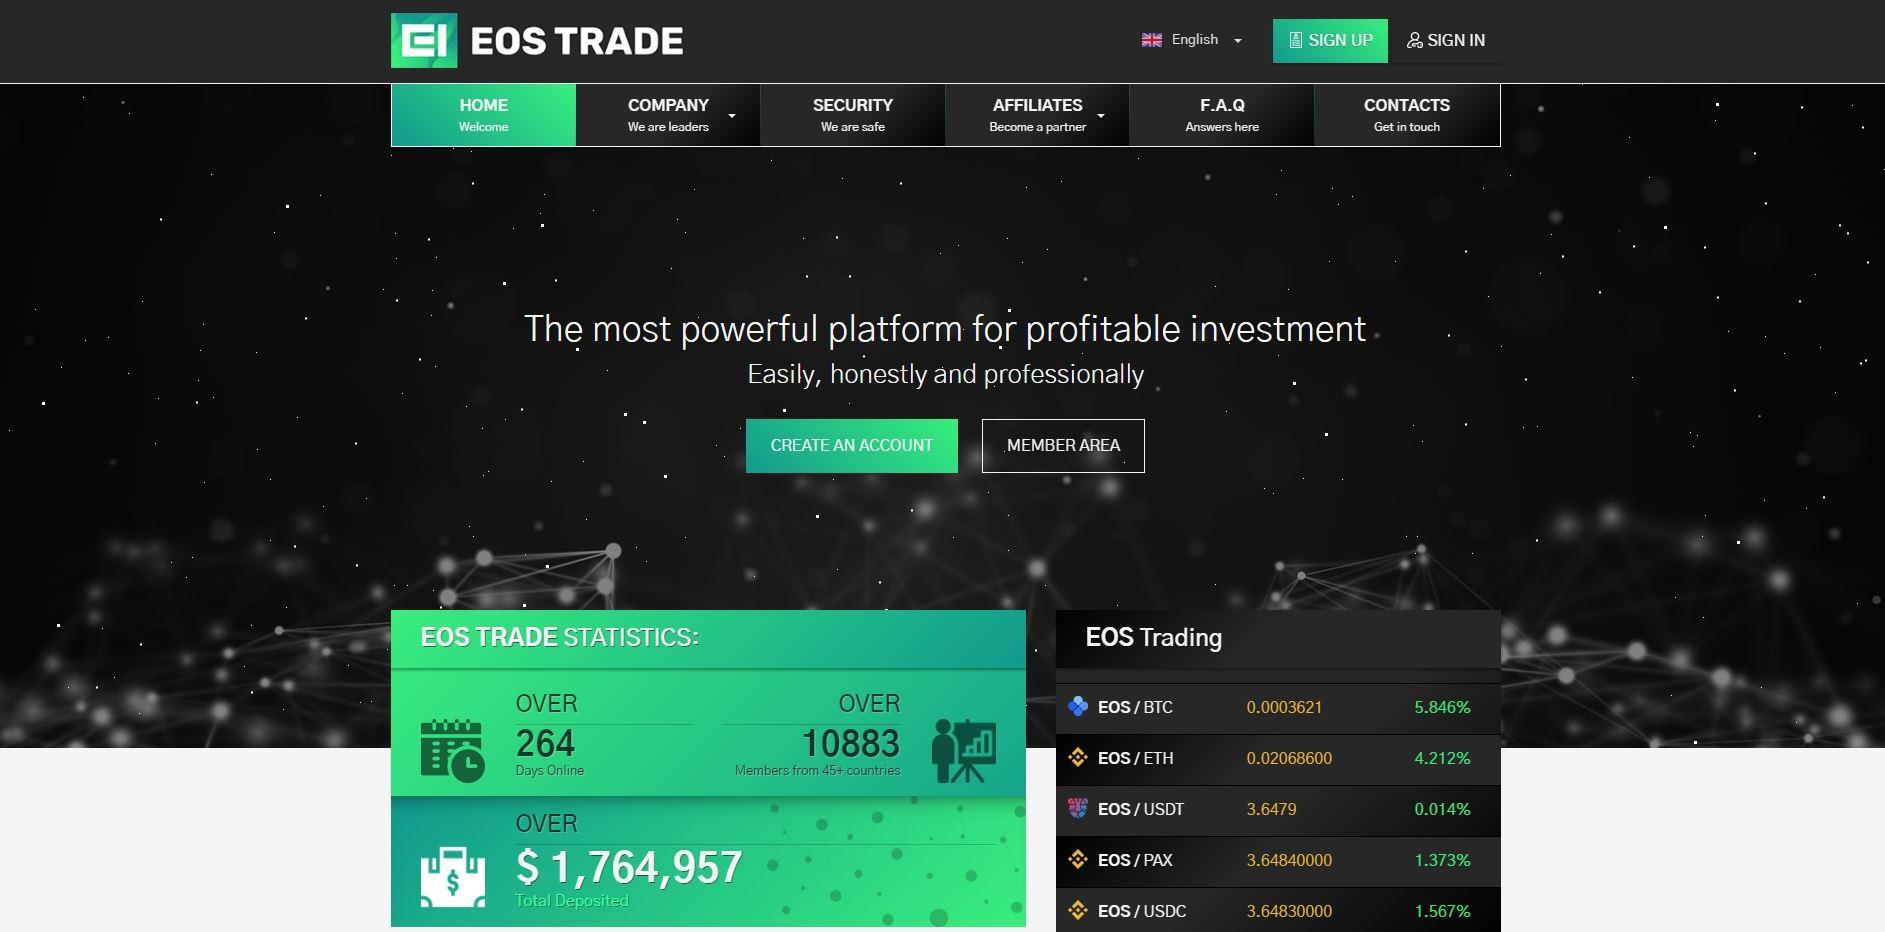 Eos trade